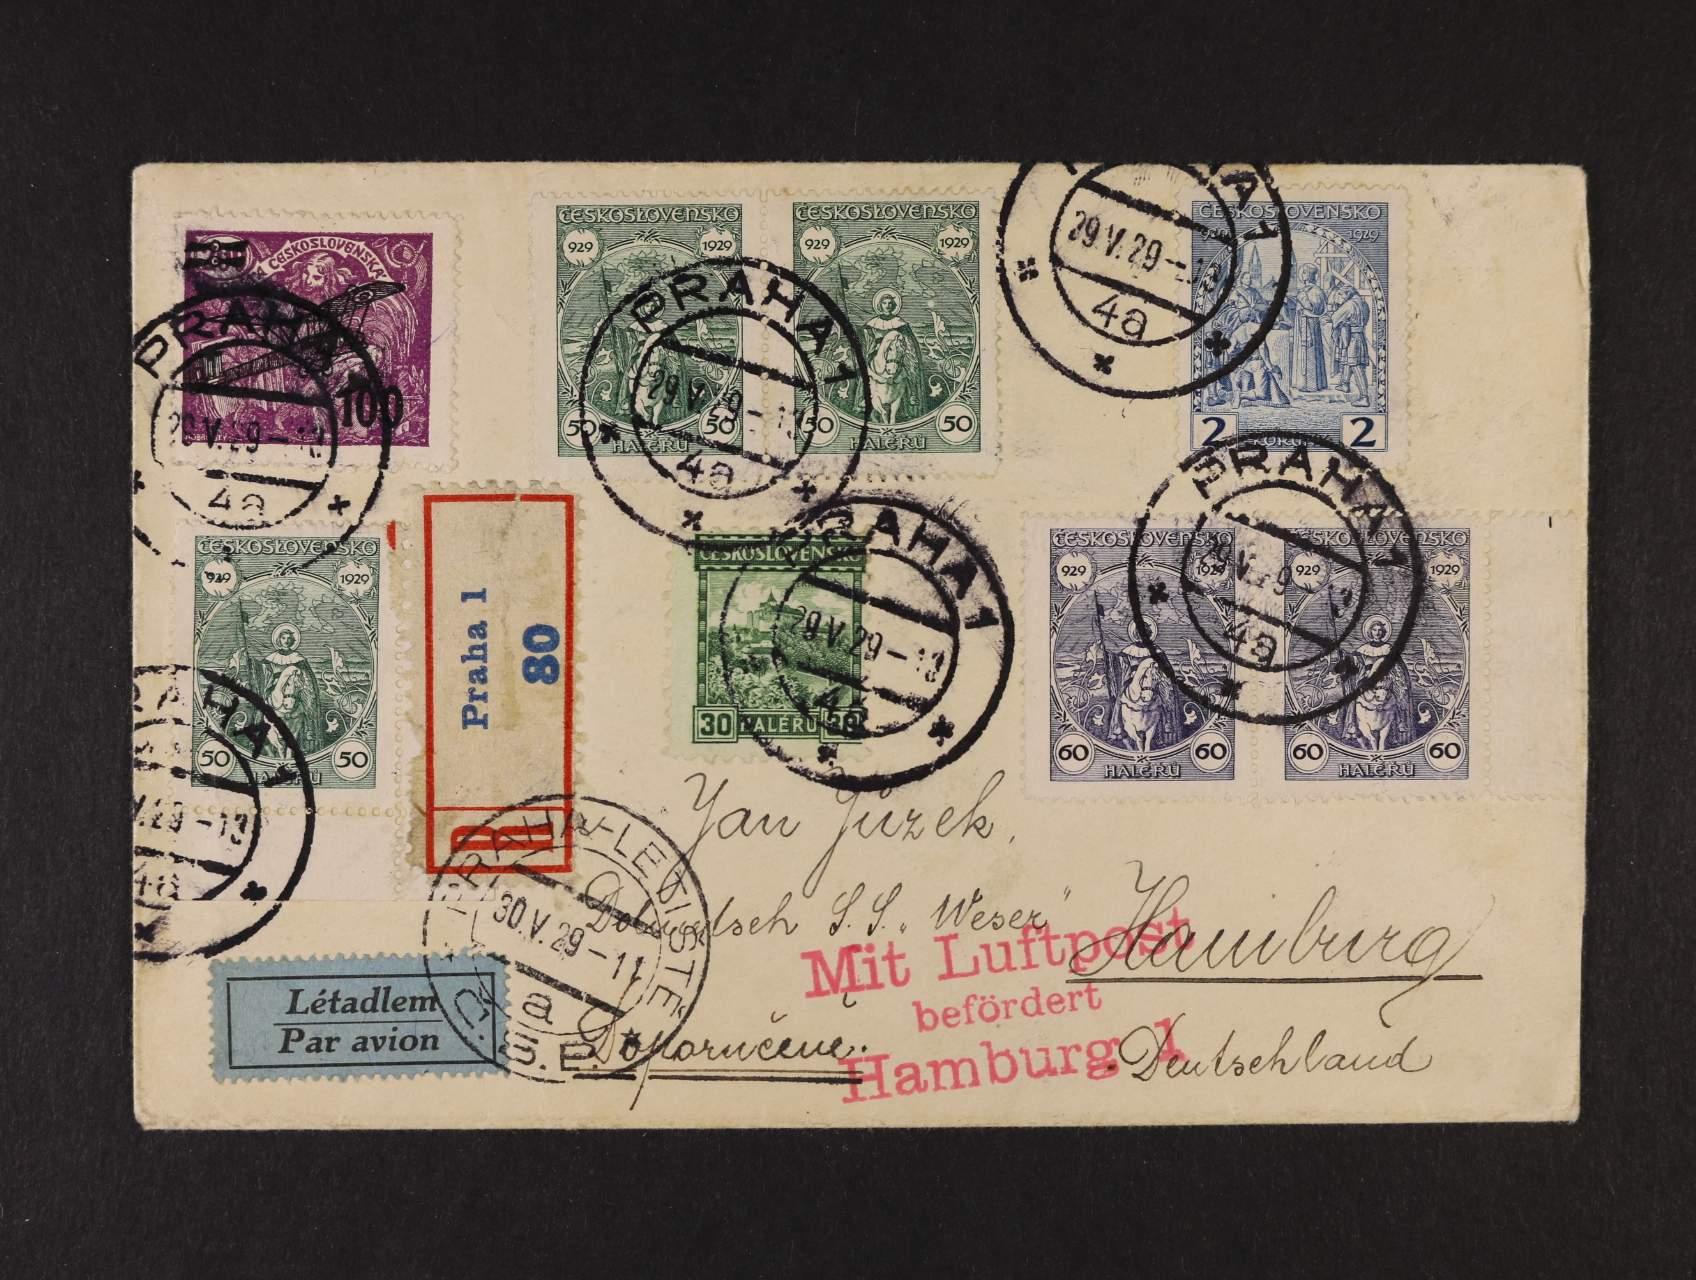 R-let. dopis do Německa frank. výpl. zn. + L č. 5m, pod. raz. PRAHA 1 29.5.29, průch. raz. PRAHA LETIŠTĚ, červený let. kašet + přích. raz.